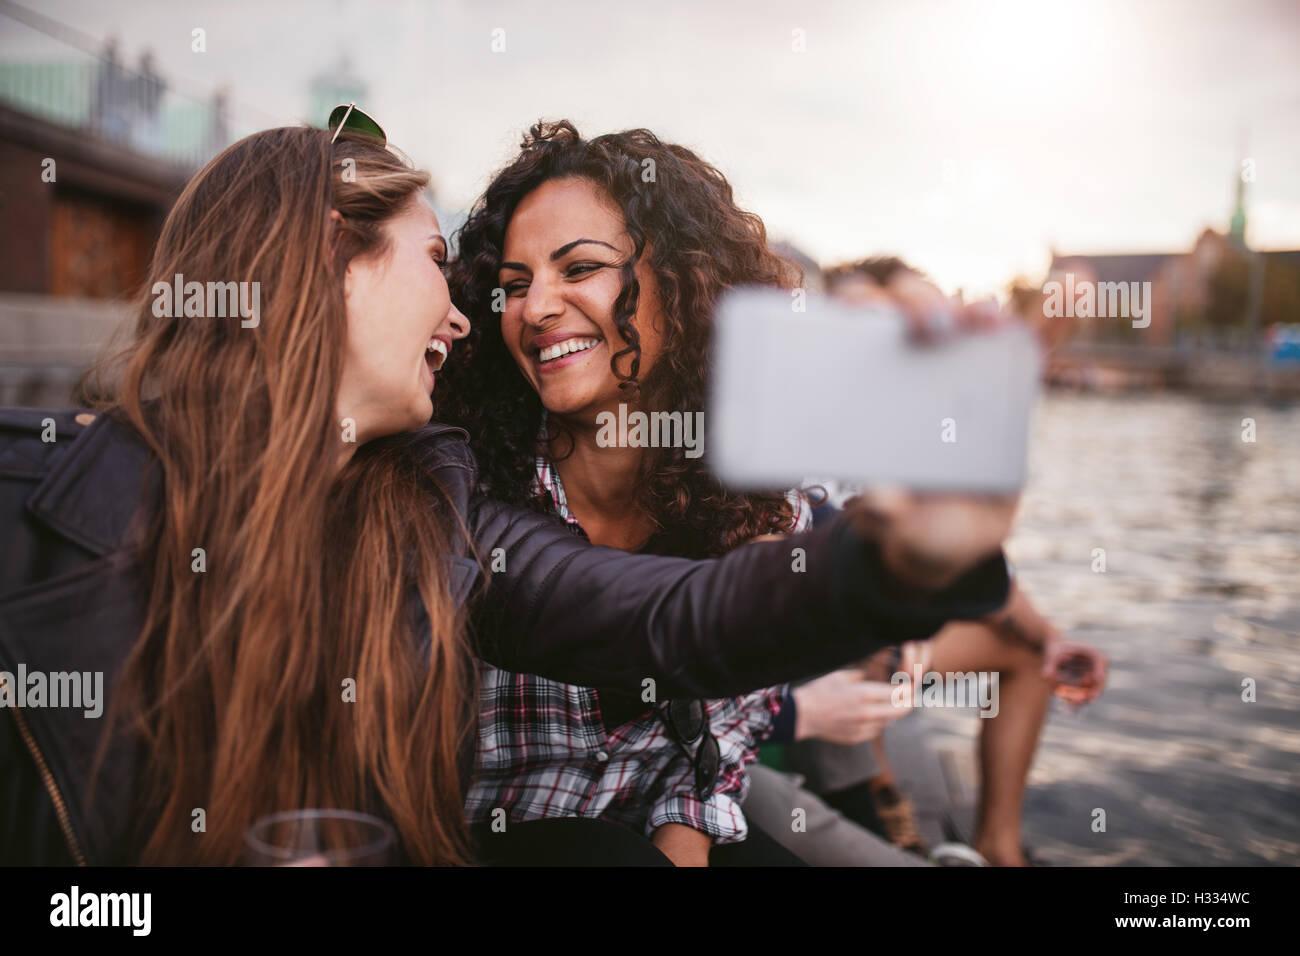 Las mujeres jóvenes alegres amigos tomando selfie por el lago. Mejores amigos divirtiéndonos juntos. Imagen De Stock